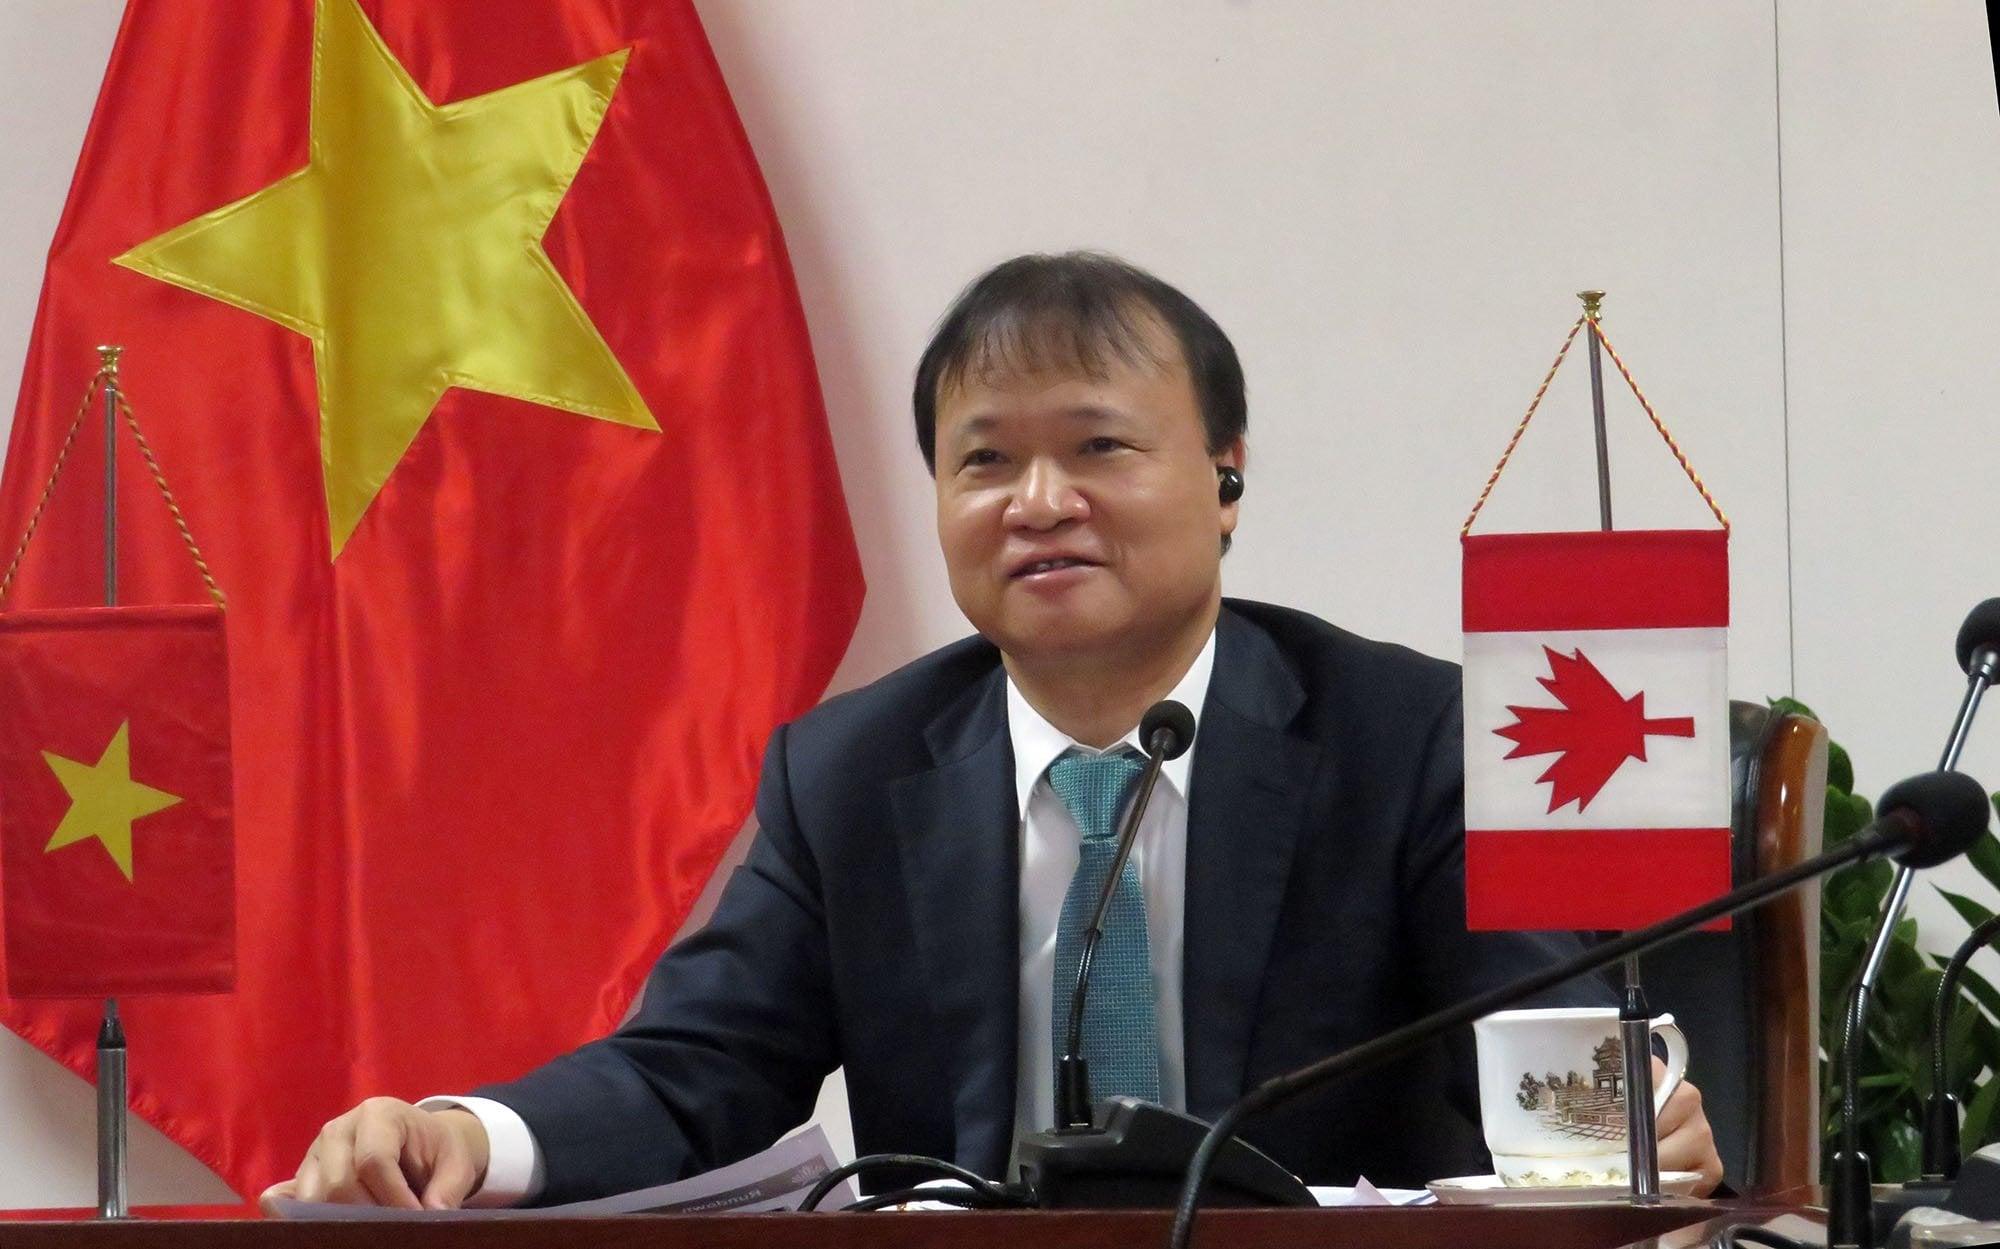 Kinh tế Việt Nam - Canada: Dư địa cho phát triển thương mại là rất lớn